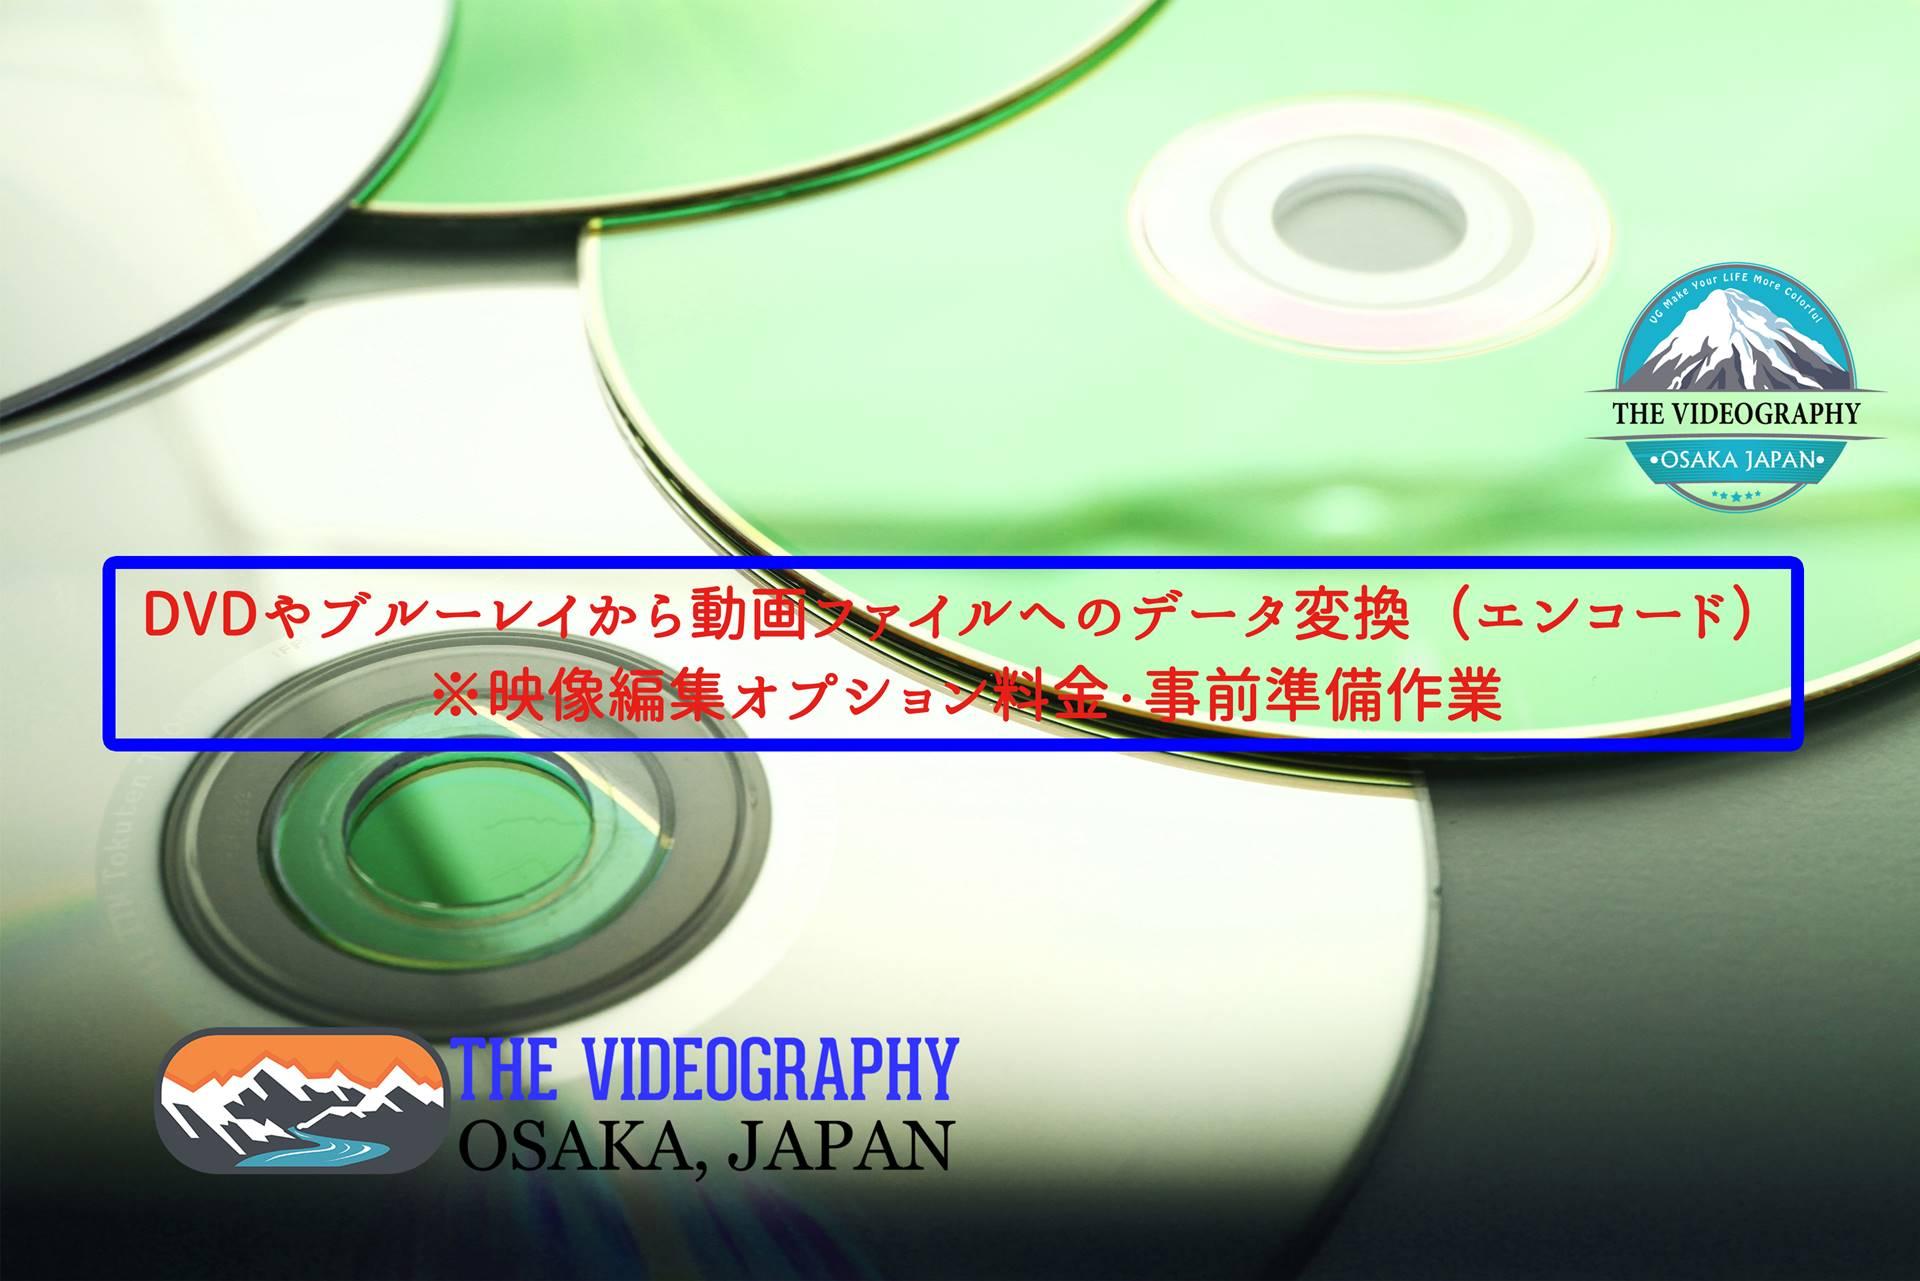 商品番号207:DVDやブルーレイから動画ファイルへのデータ変換(エンコード)費用